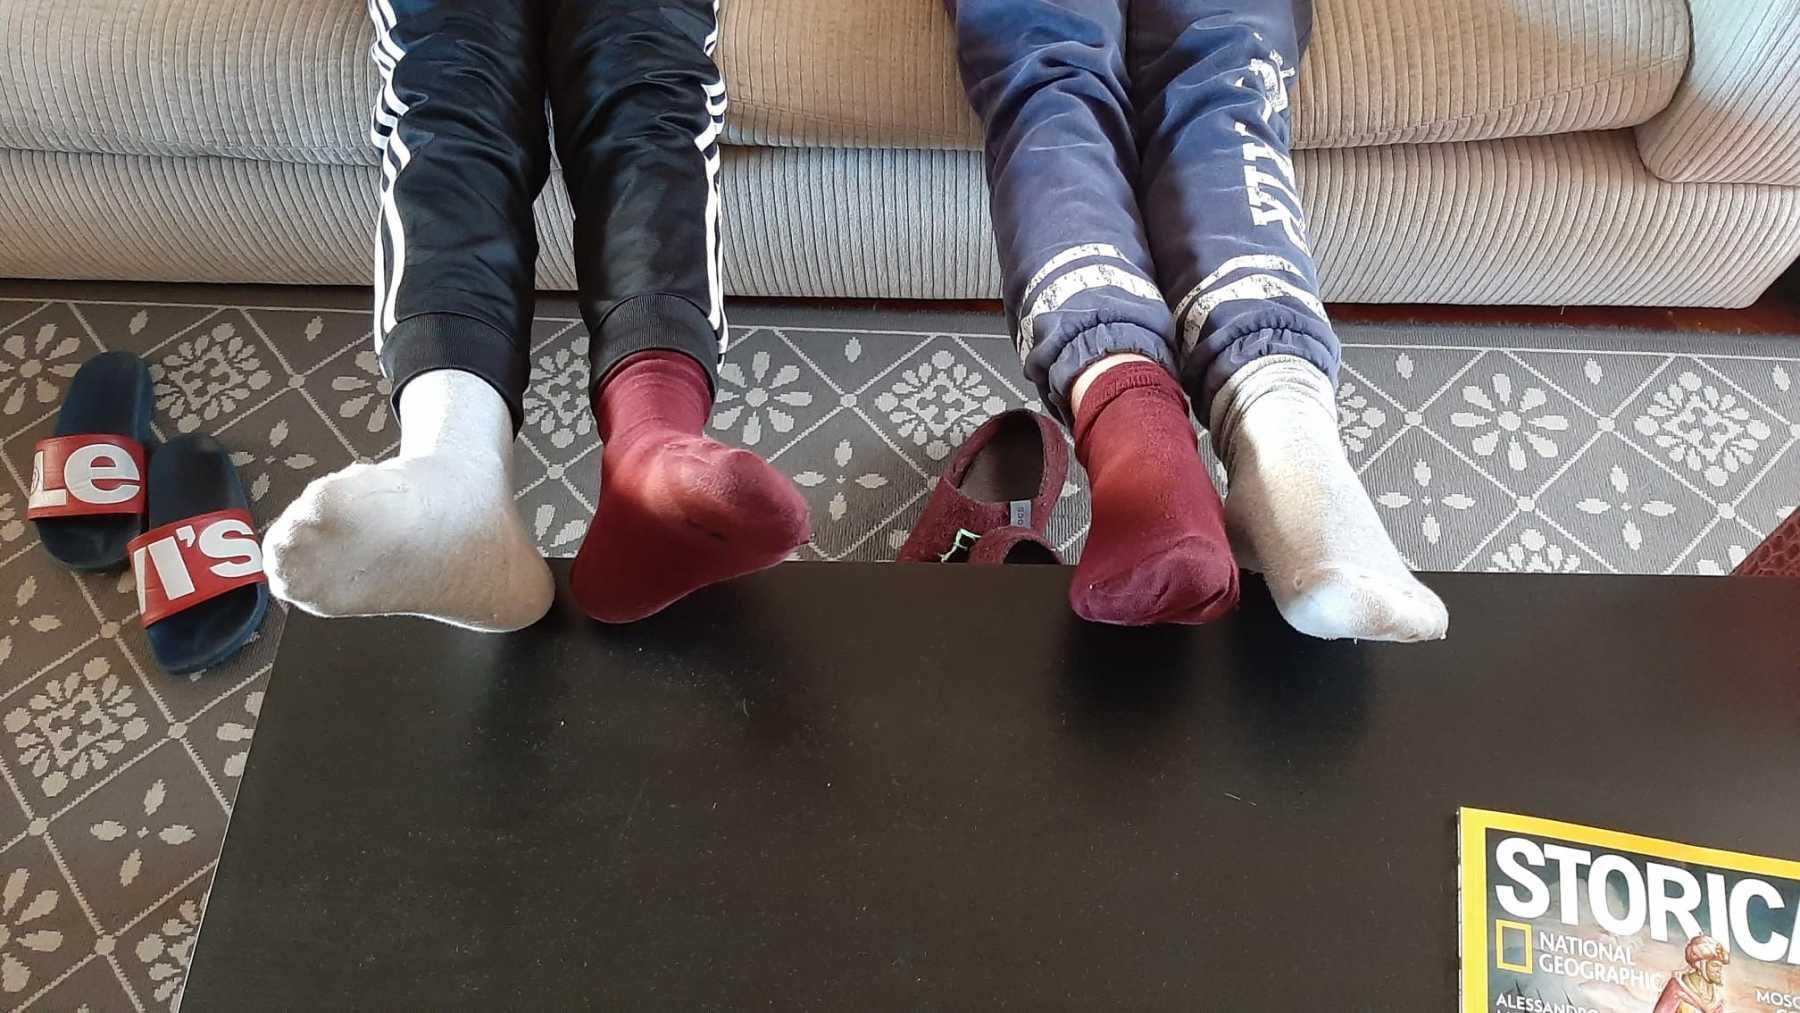 I nostri calzini spaiati